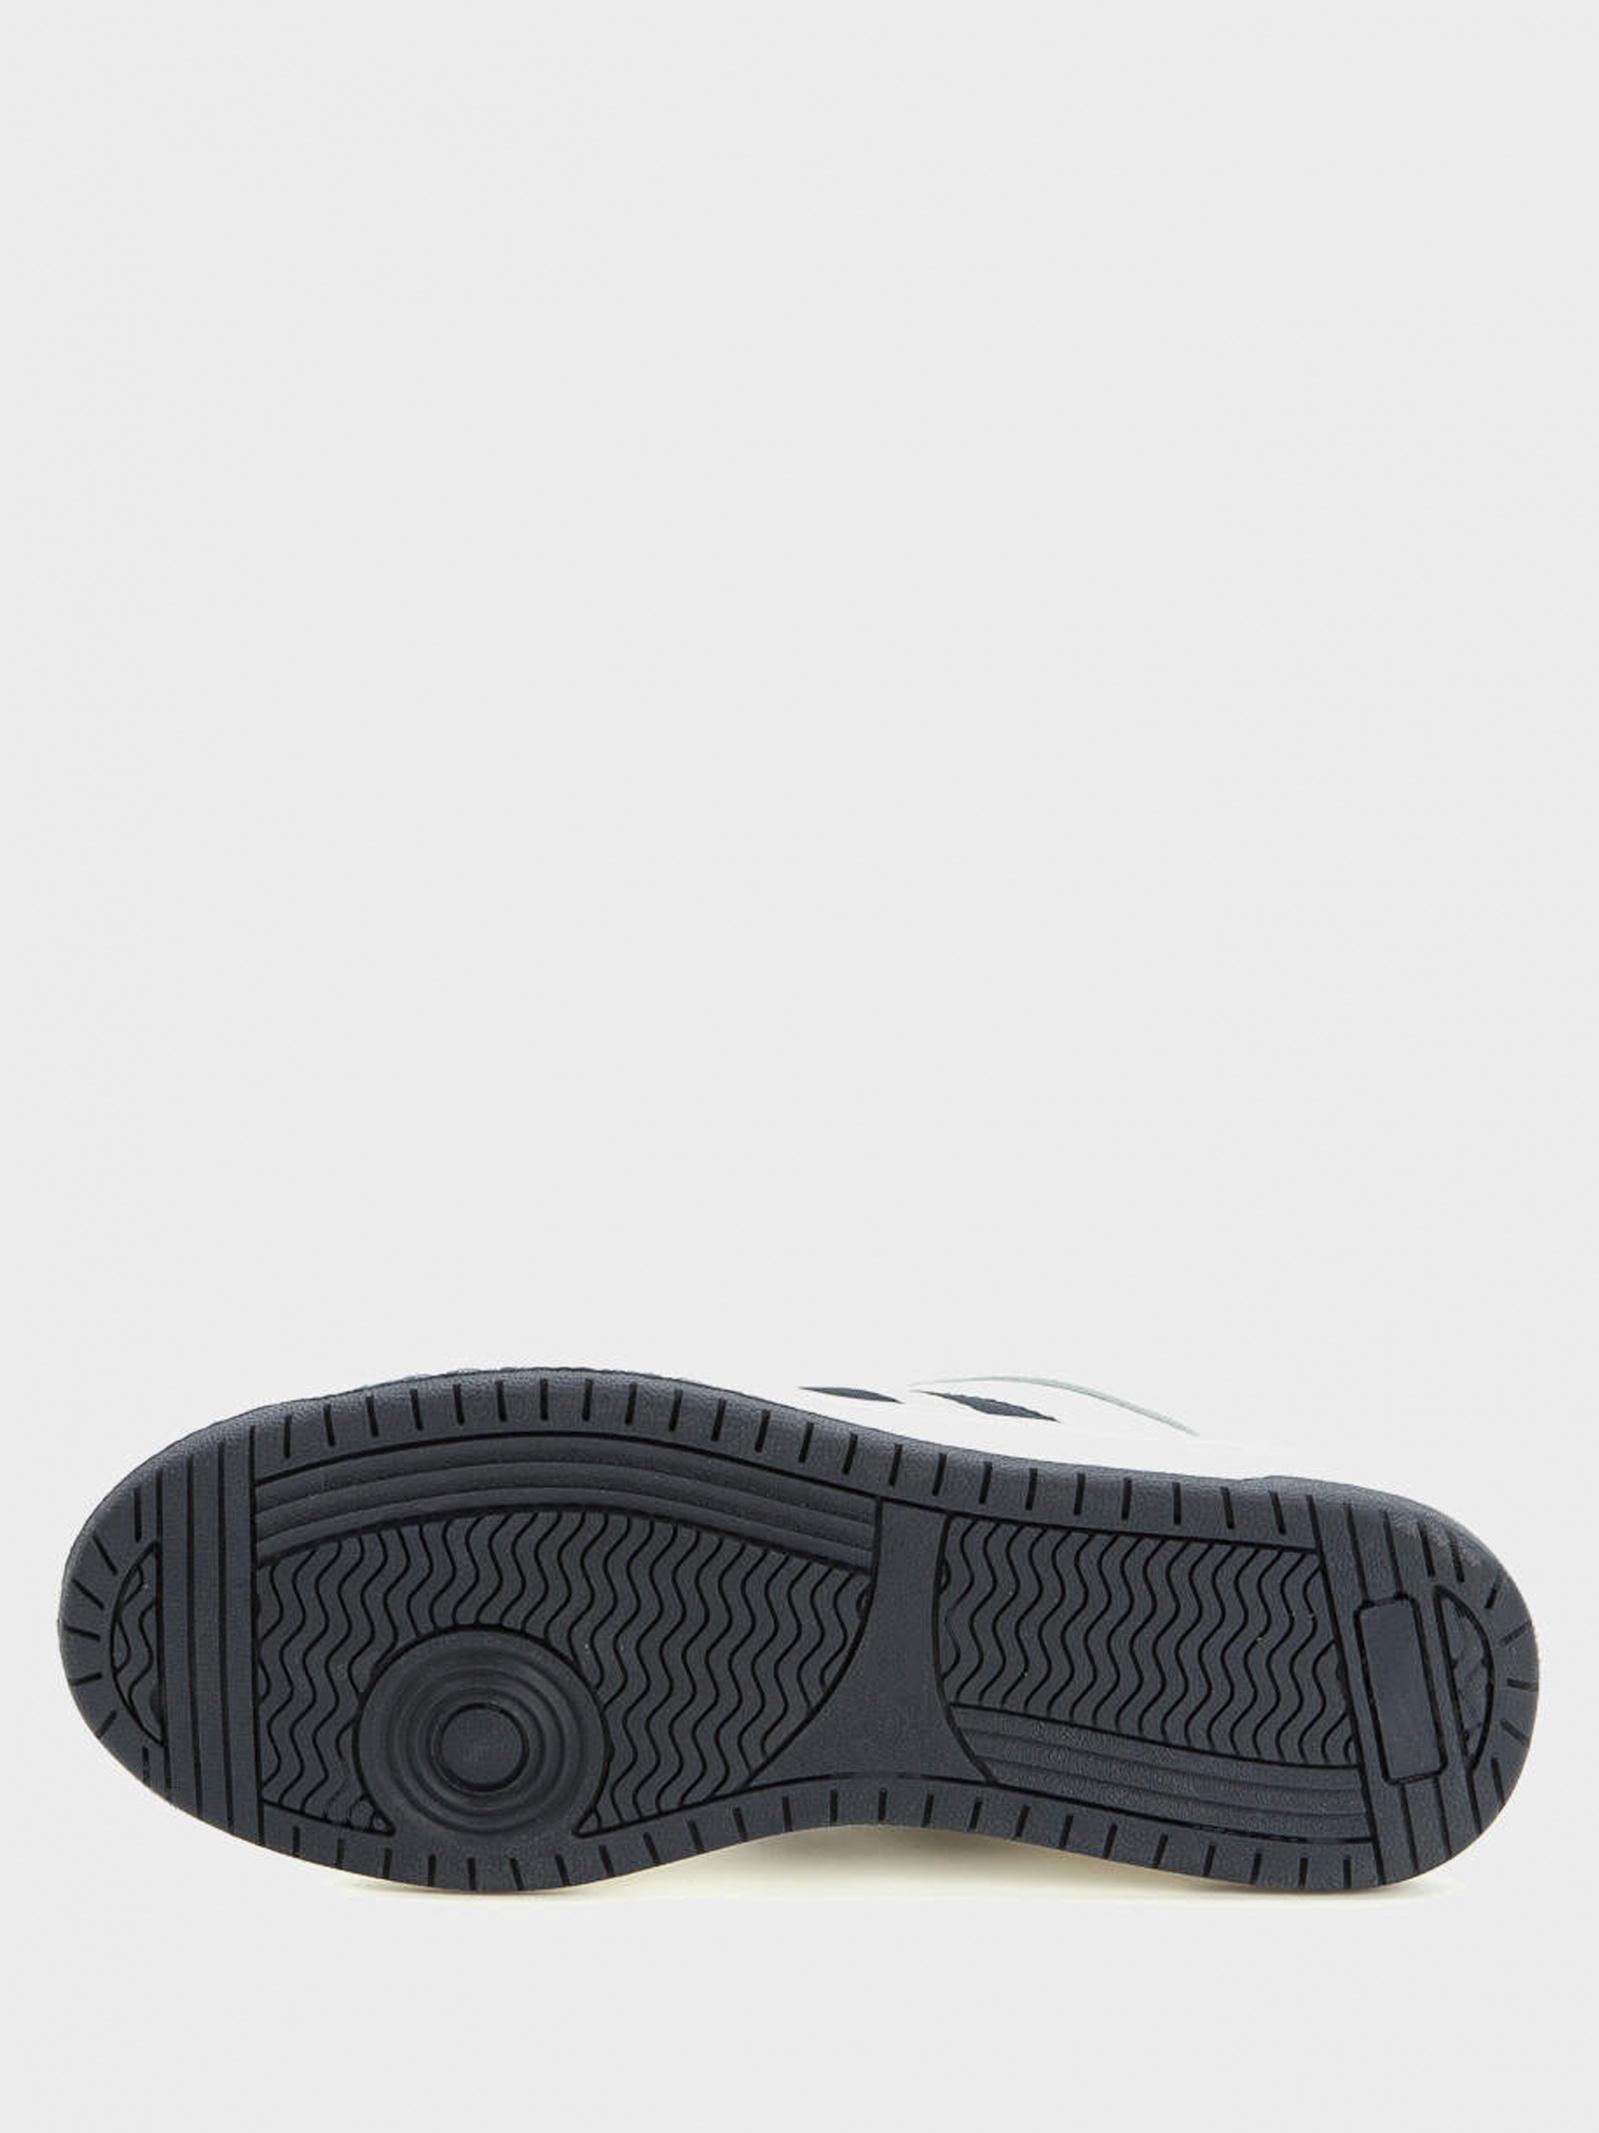 Кроссовки для детей Crosby 407566/02-01 размеры обуви, 2017